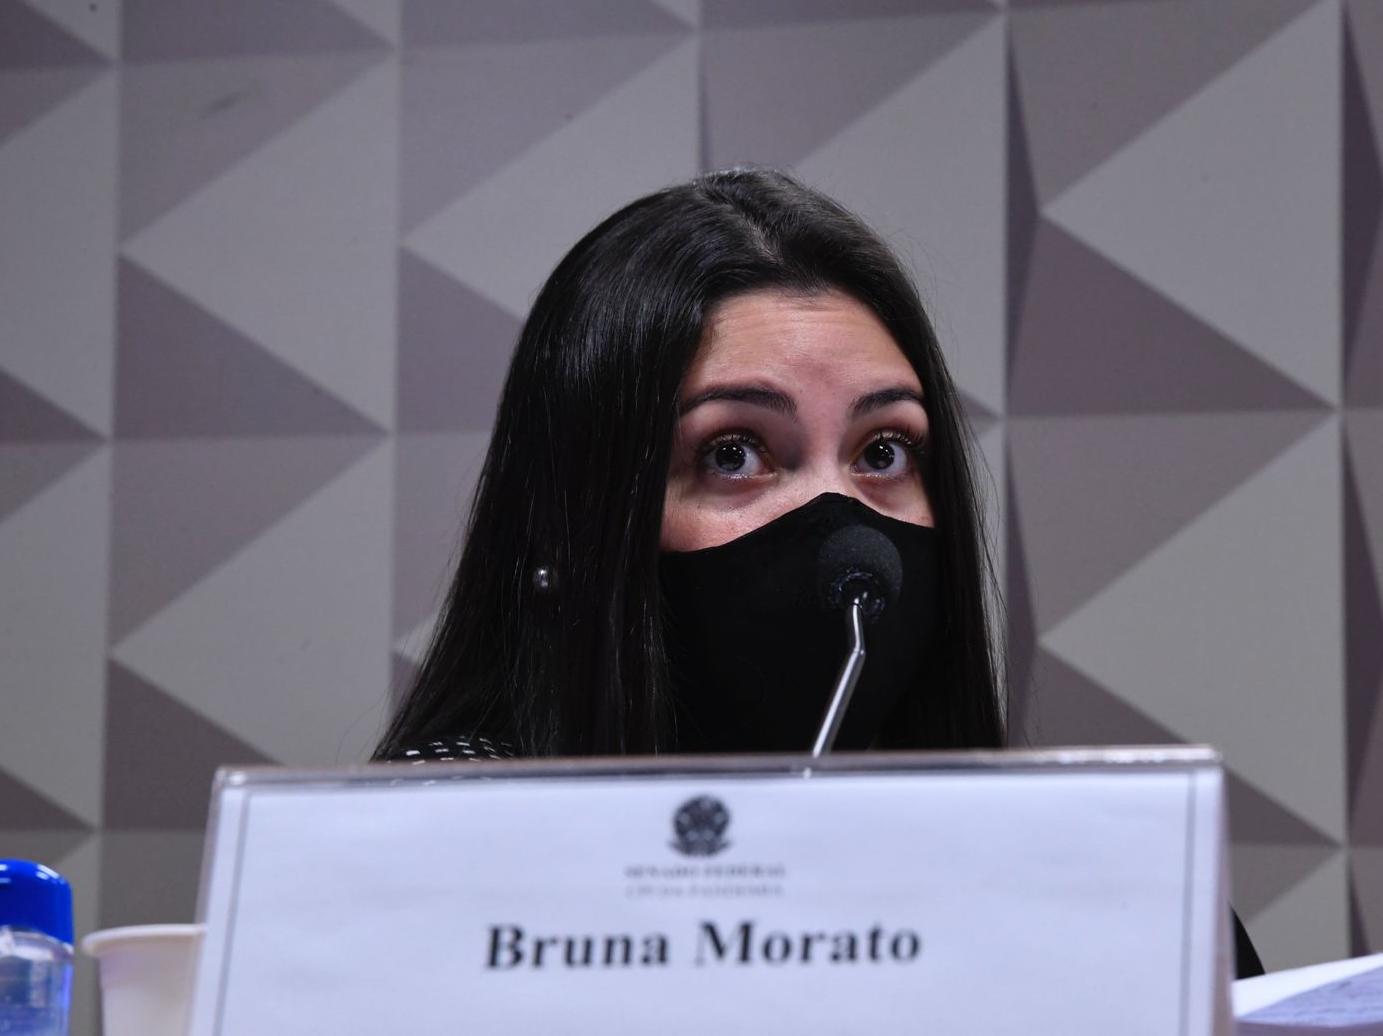 Bruna Mendes Morato diz que funcionários da operadora de saúde sofriam punições caso não adotassem os medicamentos